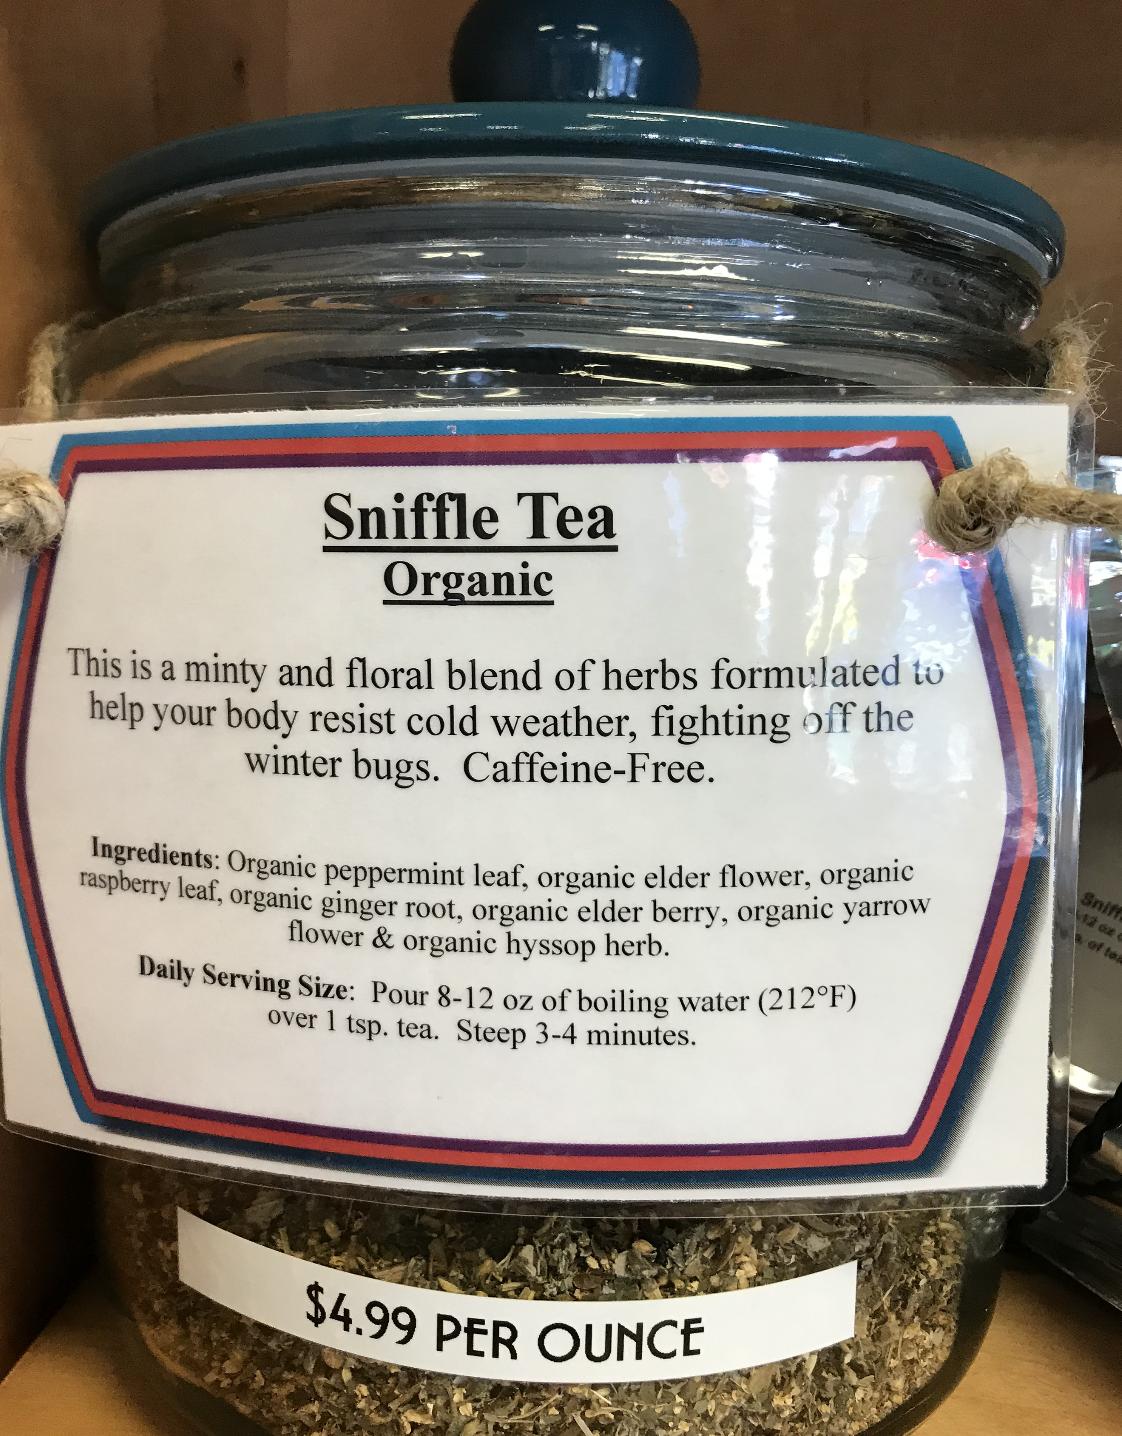 Sniffle Tea